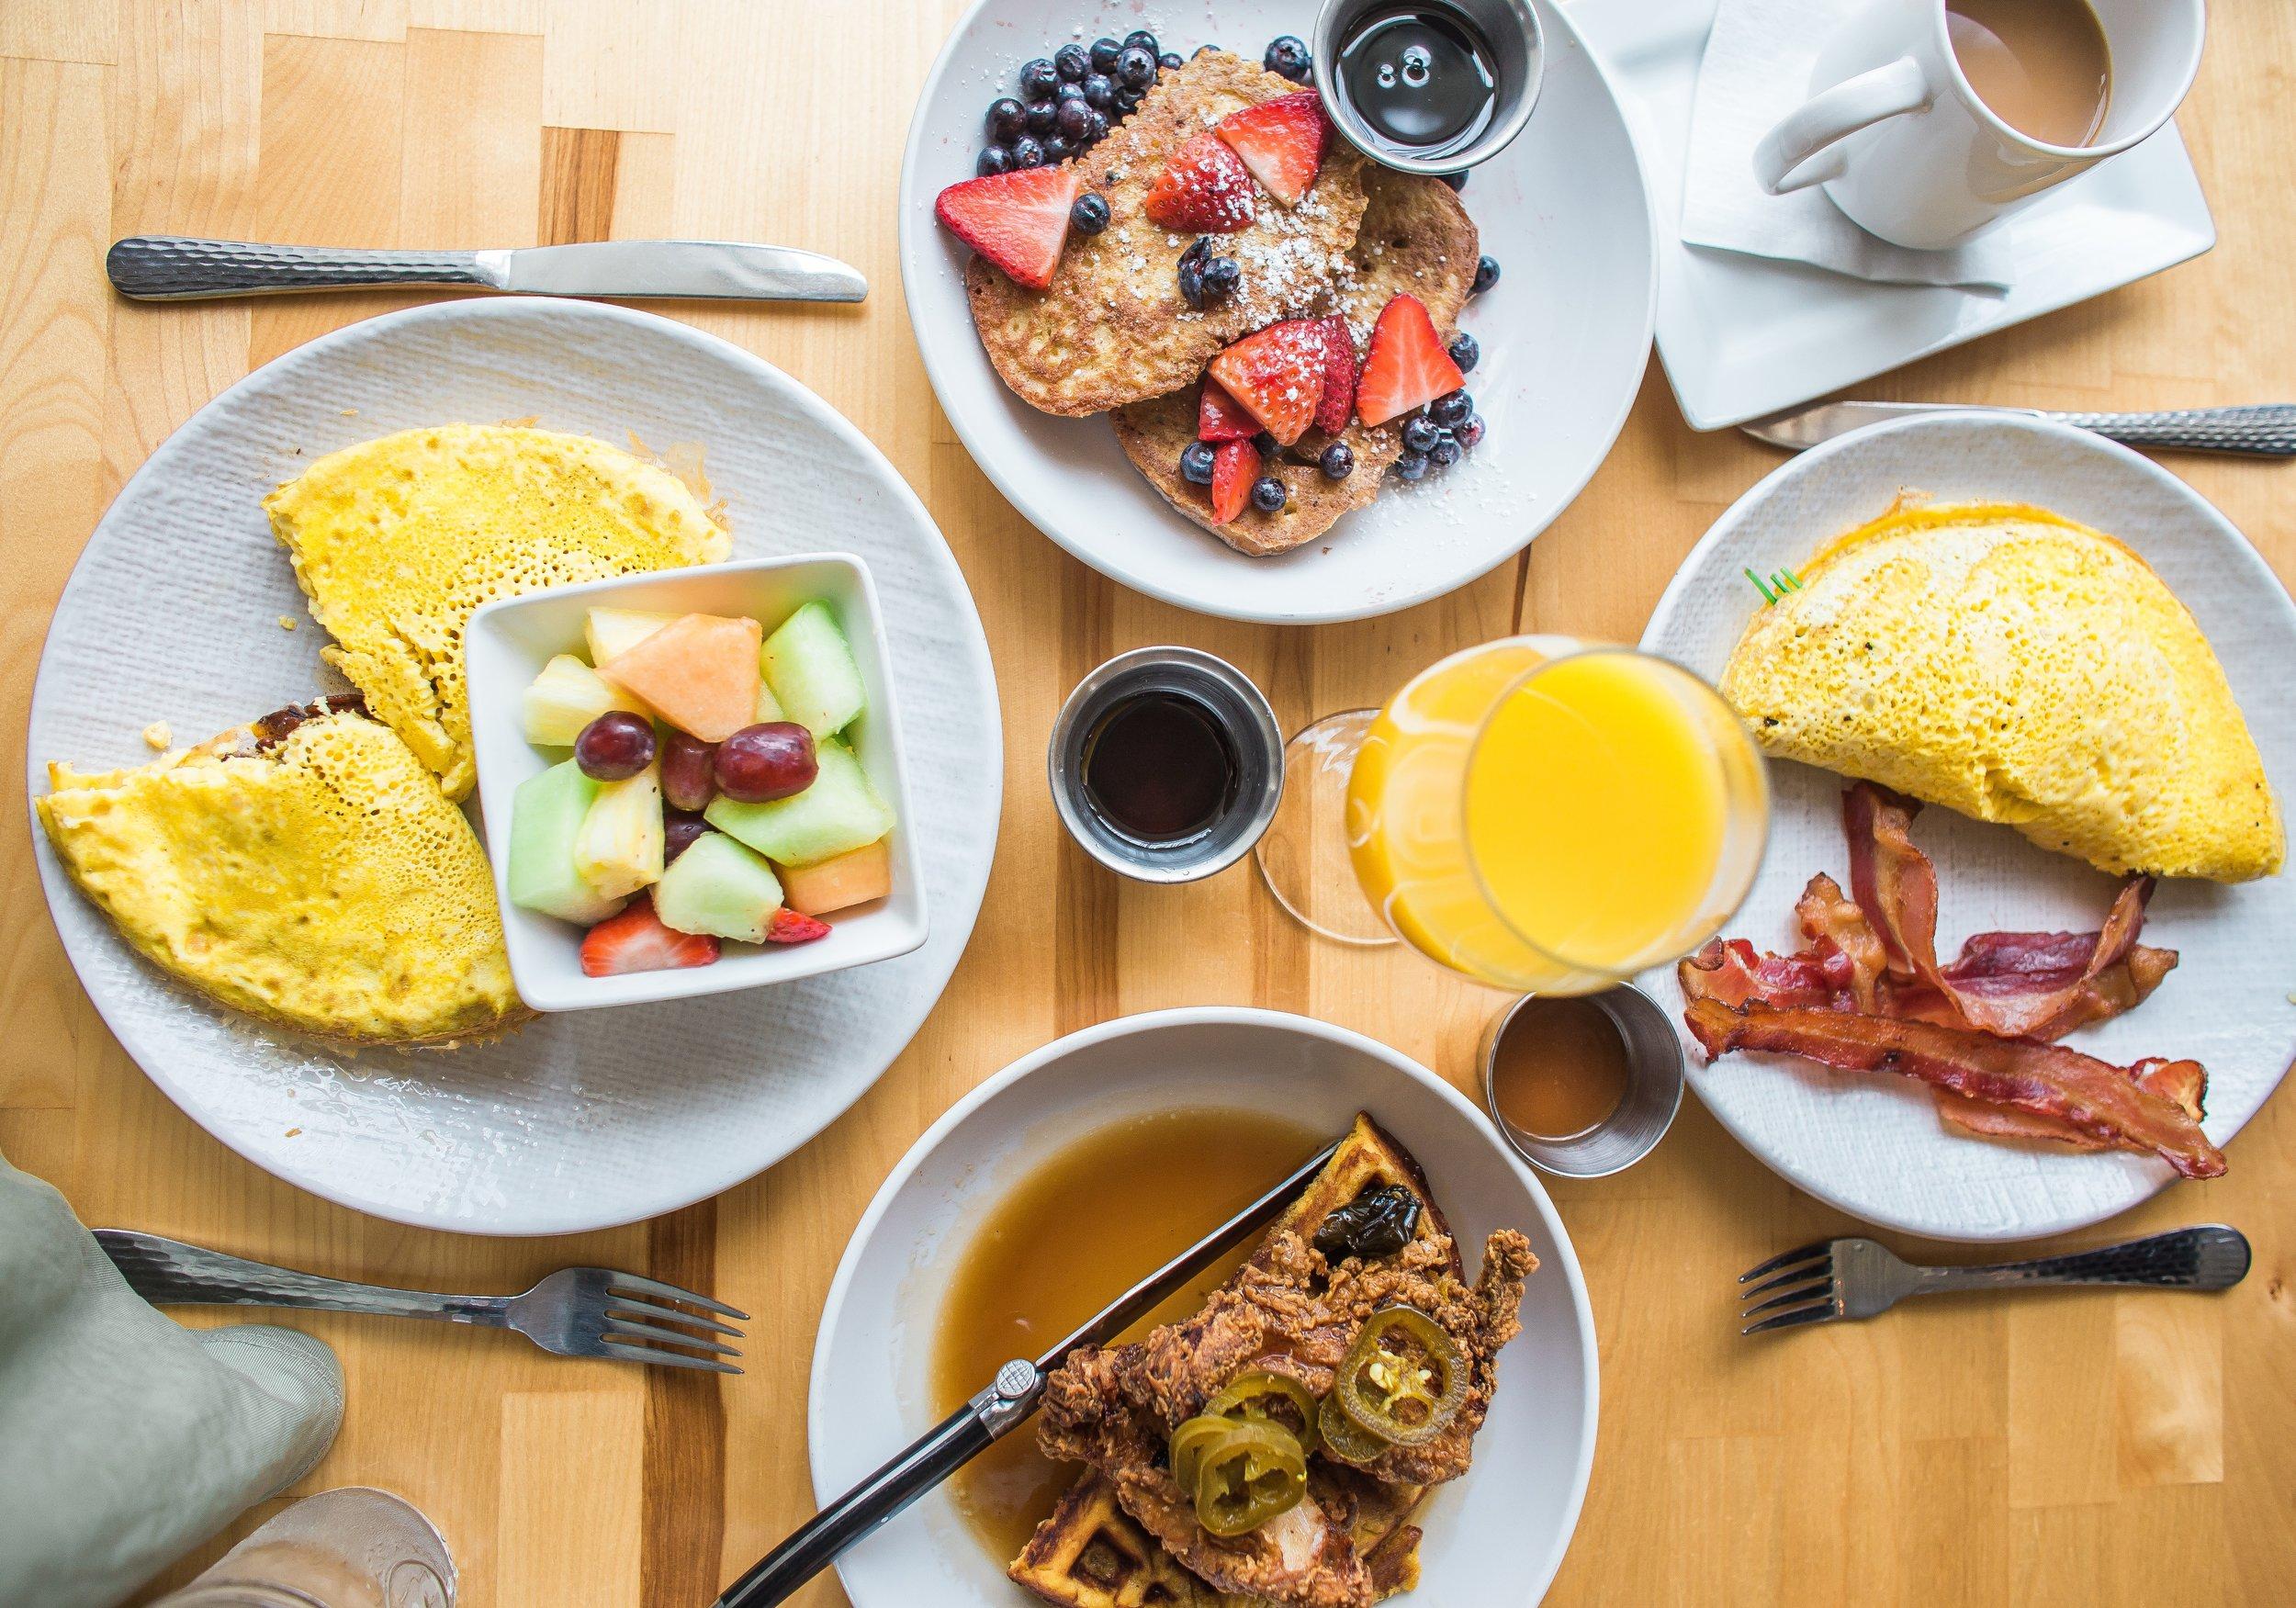 Breakfast in Montana